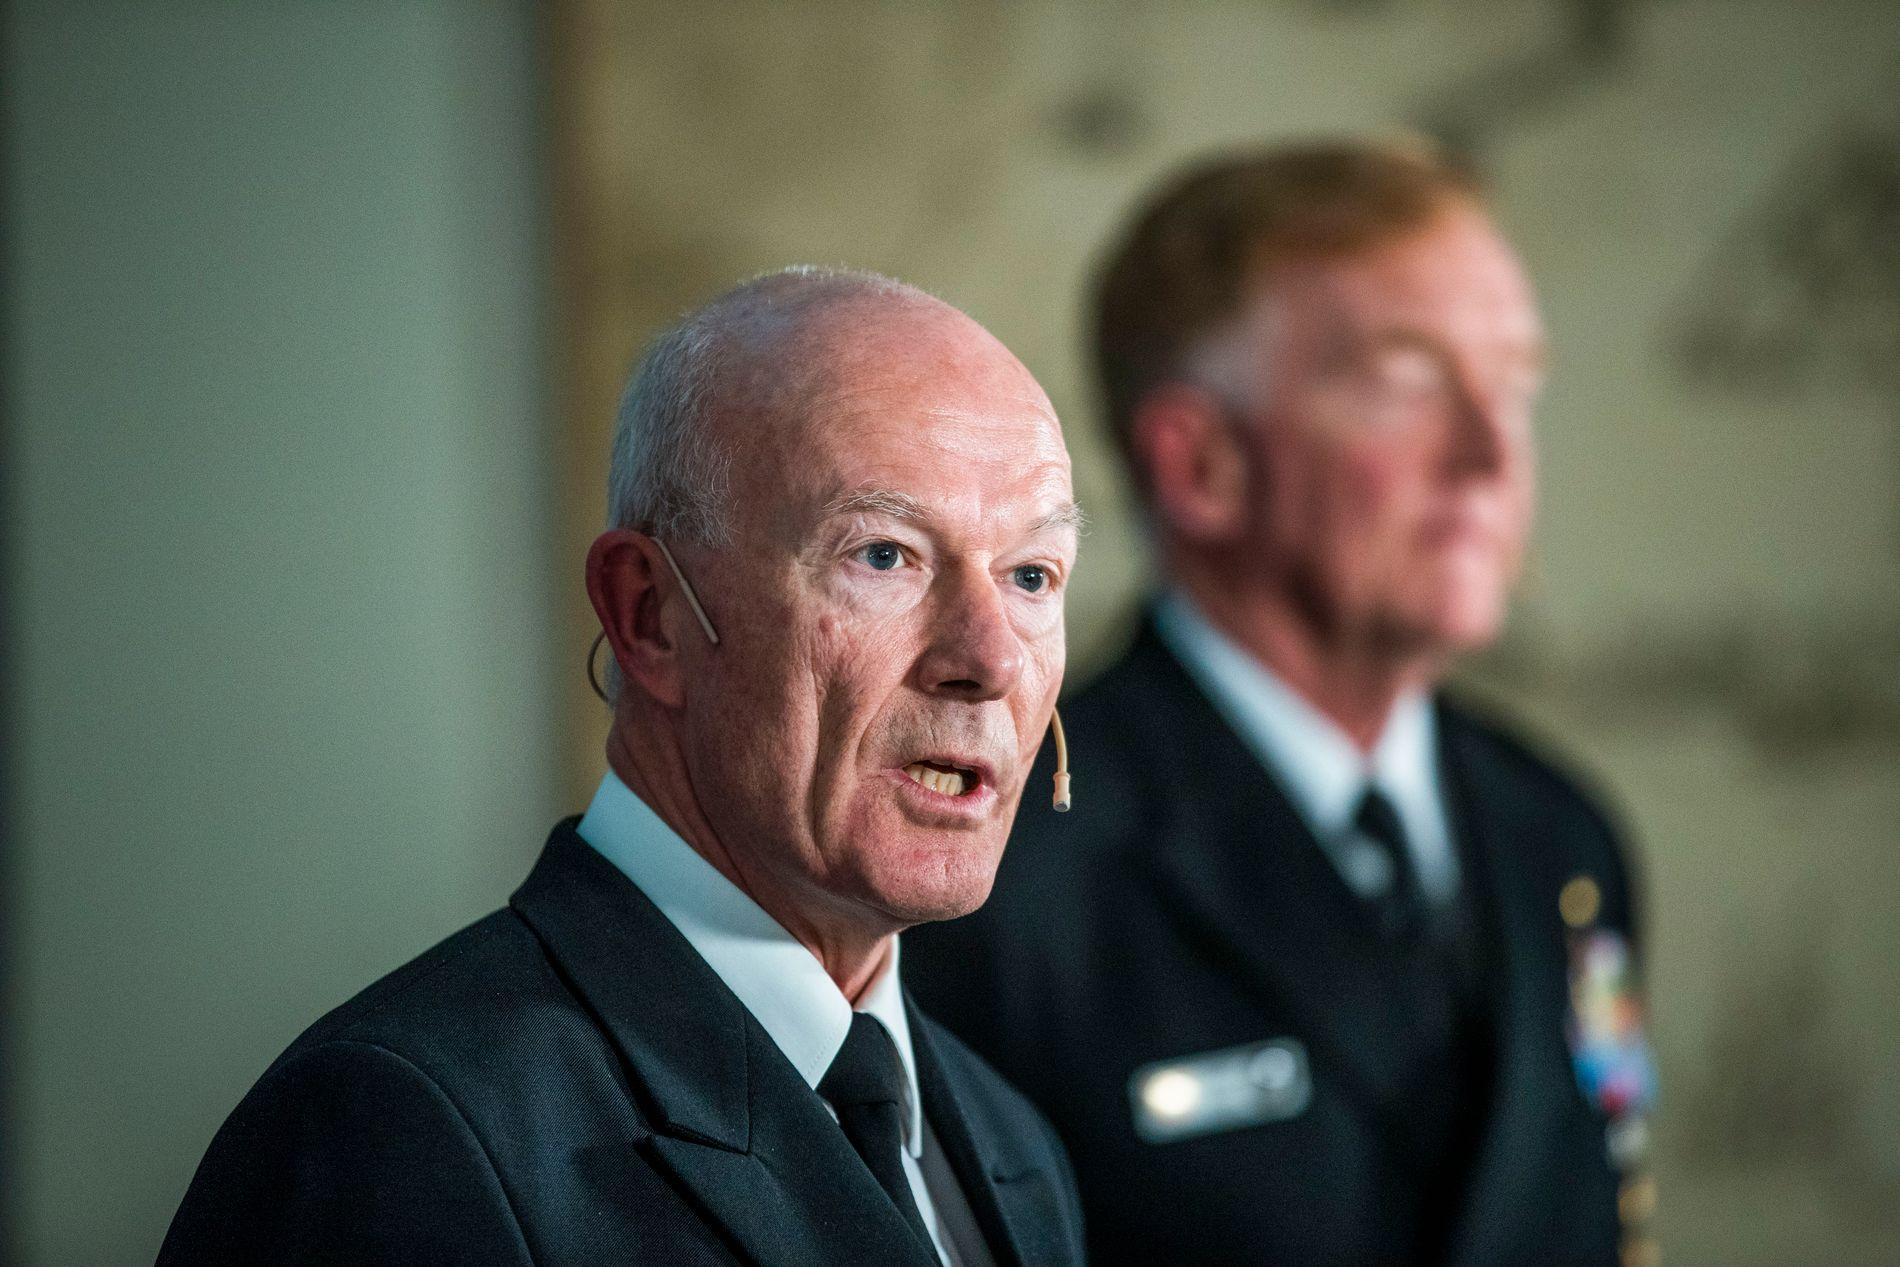 STØRRE MARINE OG HÆR: Forsvarssjefen, admiral Haakon Bruun-Hanssen, hadde ingen gode nyheter om forholdet til Russland. Her er han sammen med den amerikanske NATO-admiralen James Foggo under NATO-øvelsen i Norge i fjor høst.